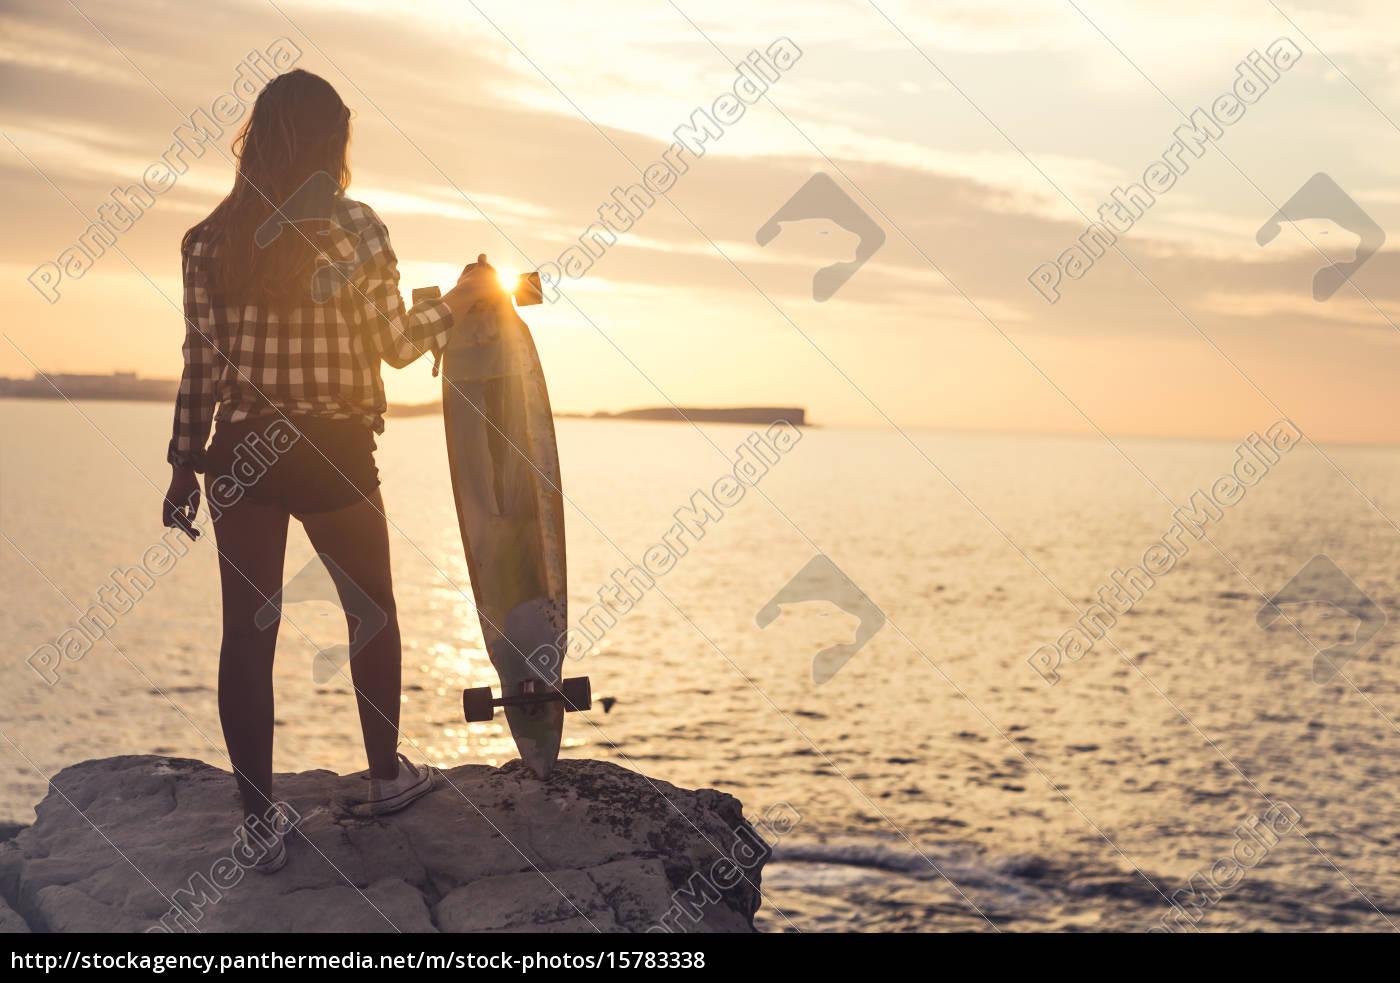 skater, girl - 15783338